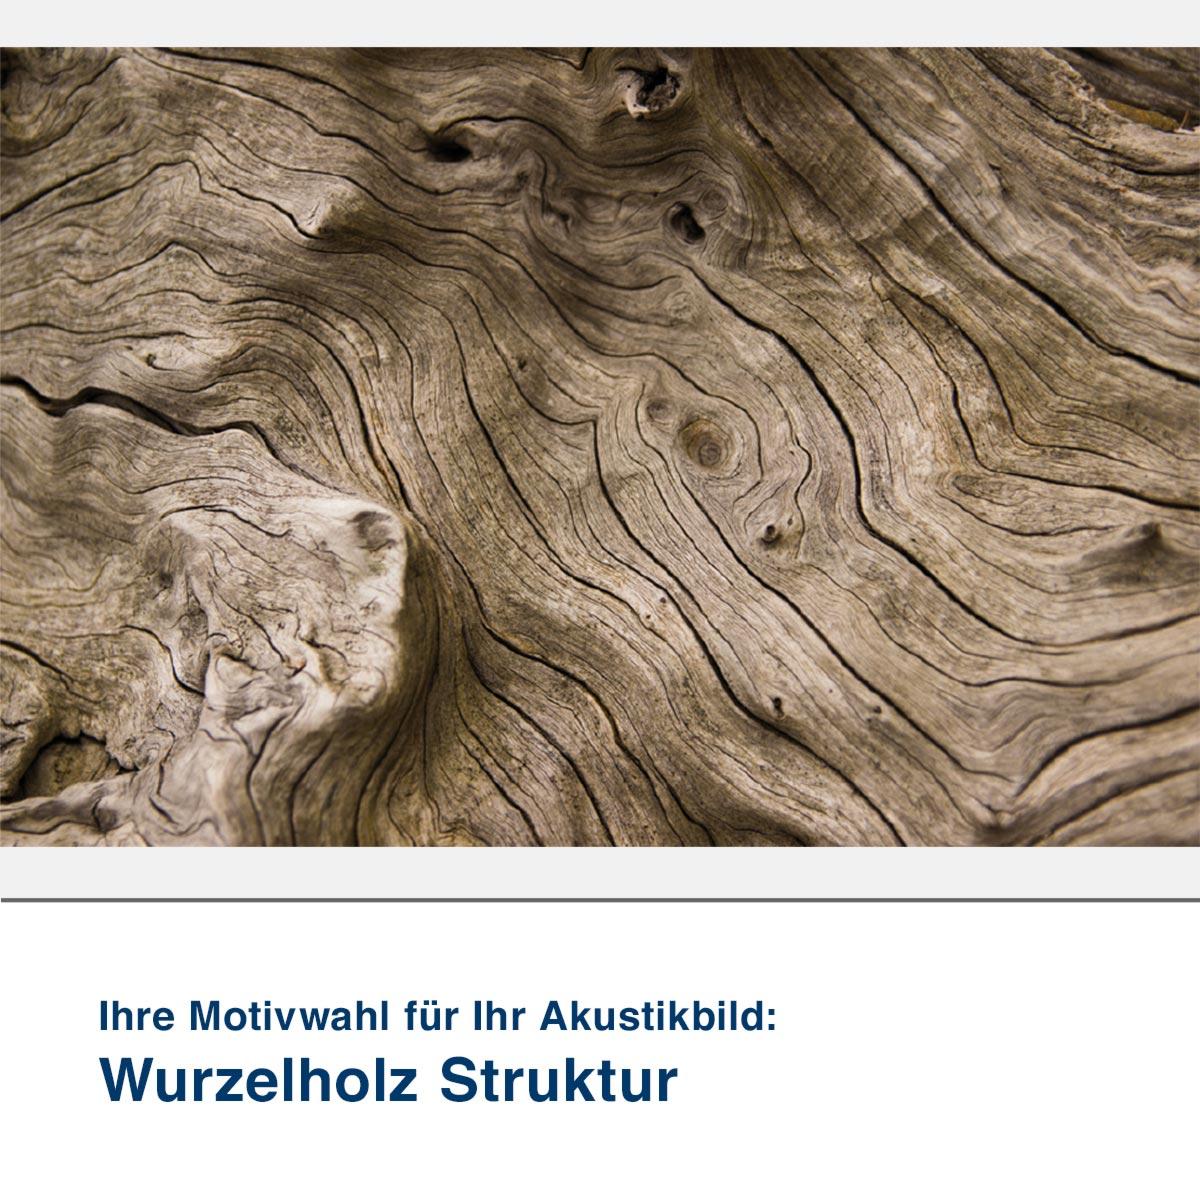 Akustikbild Motiv Wurzelholz Struktur